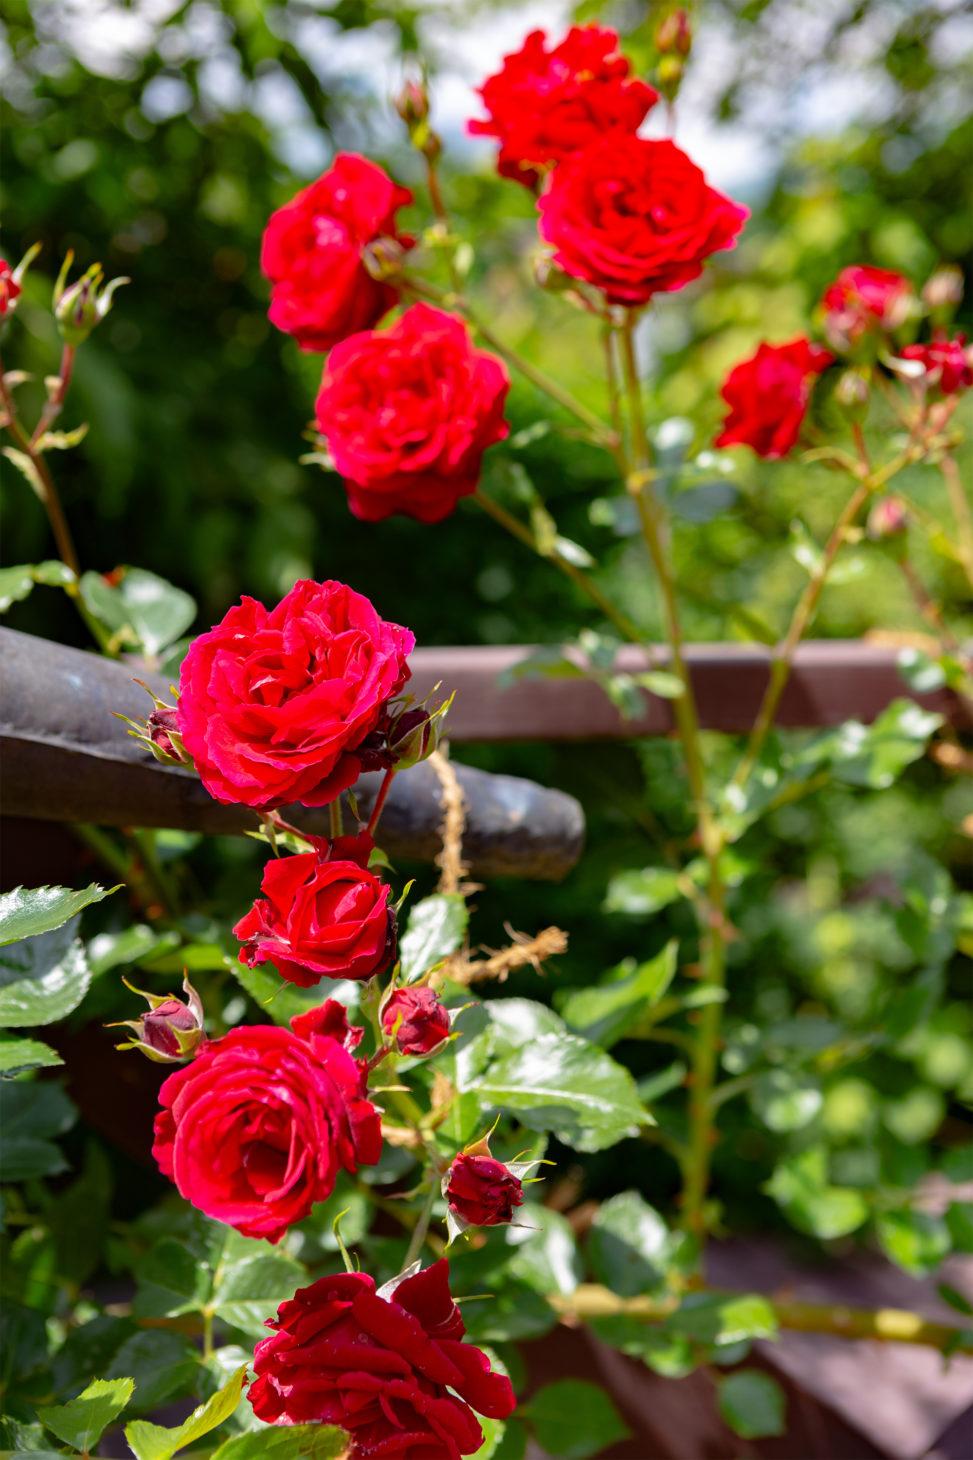 真っ赤なバラ(薔薇) 02の写真素材